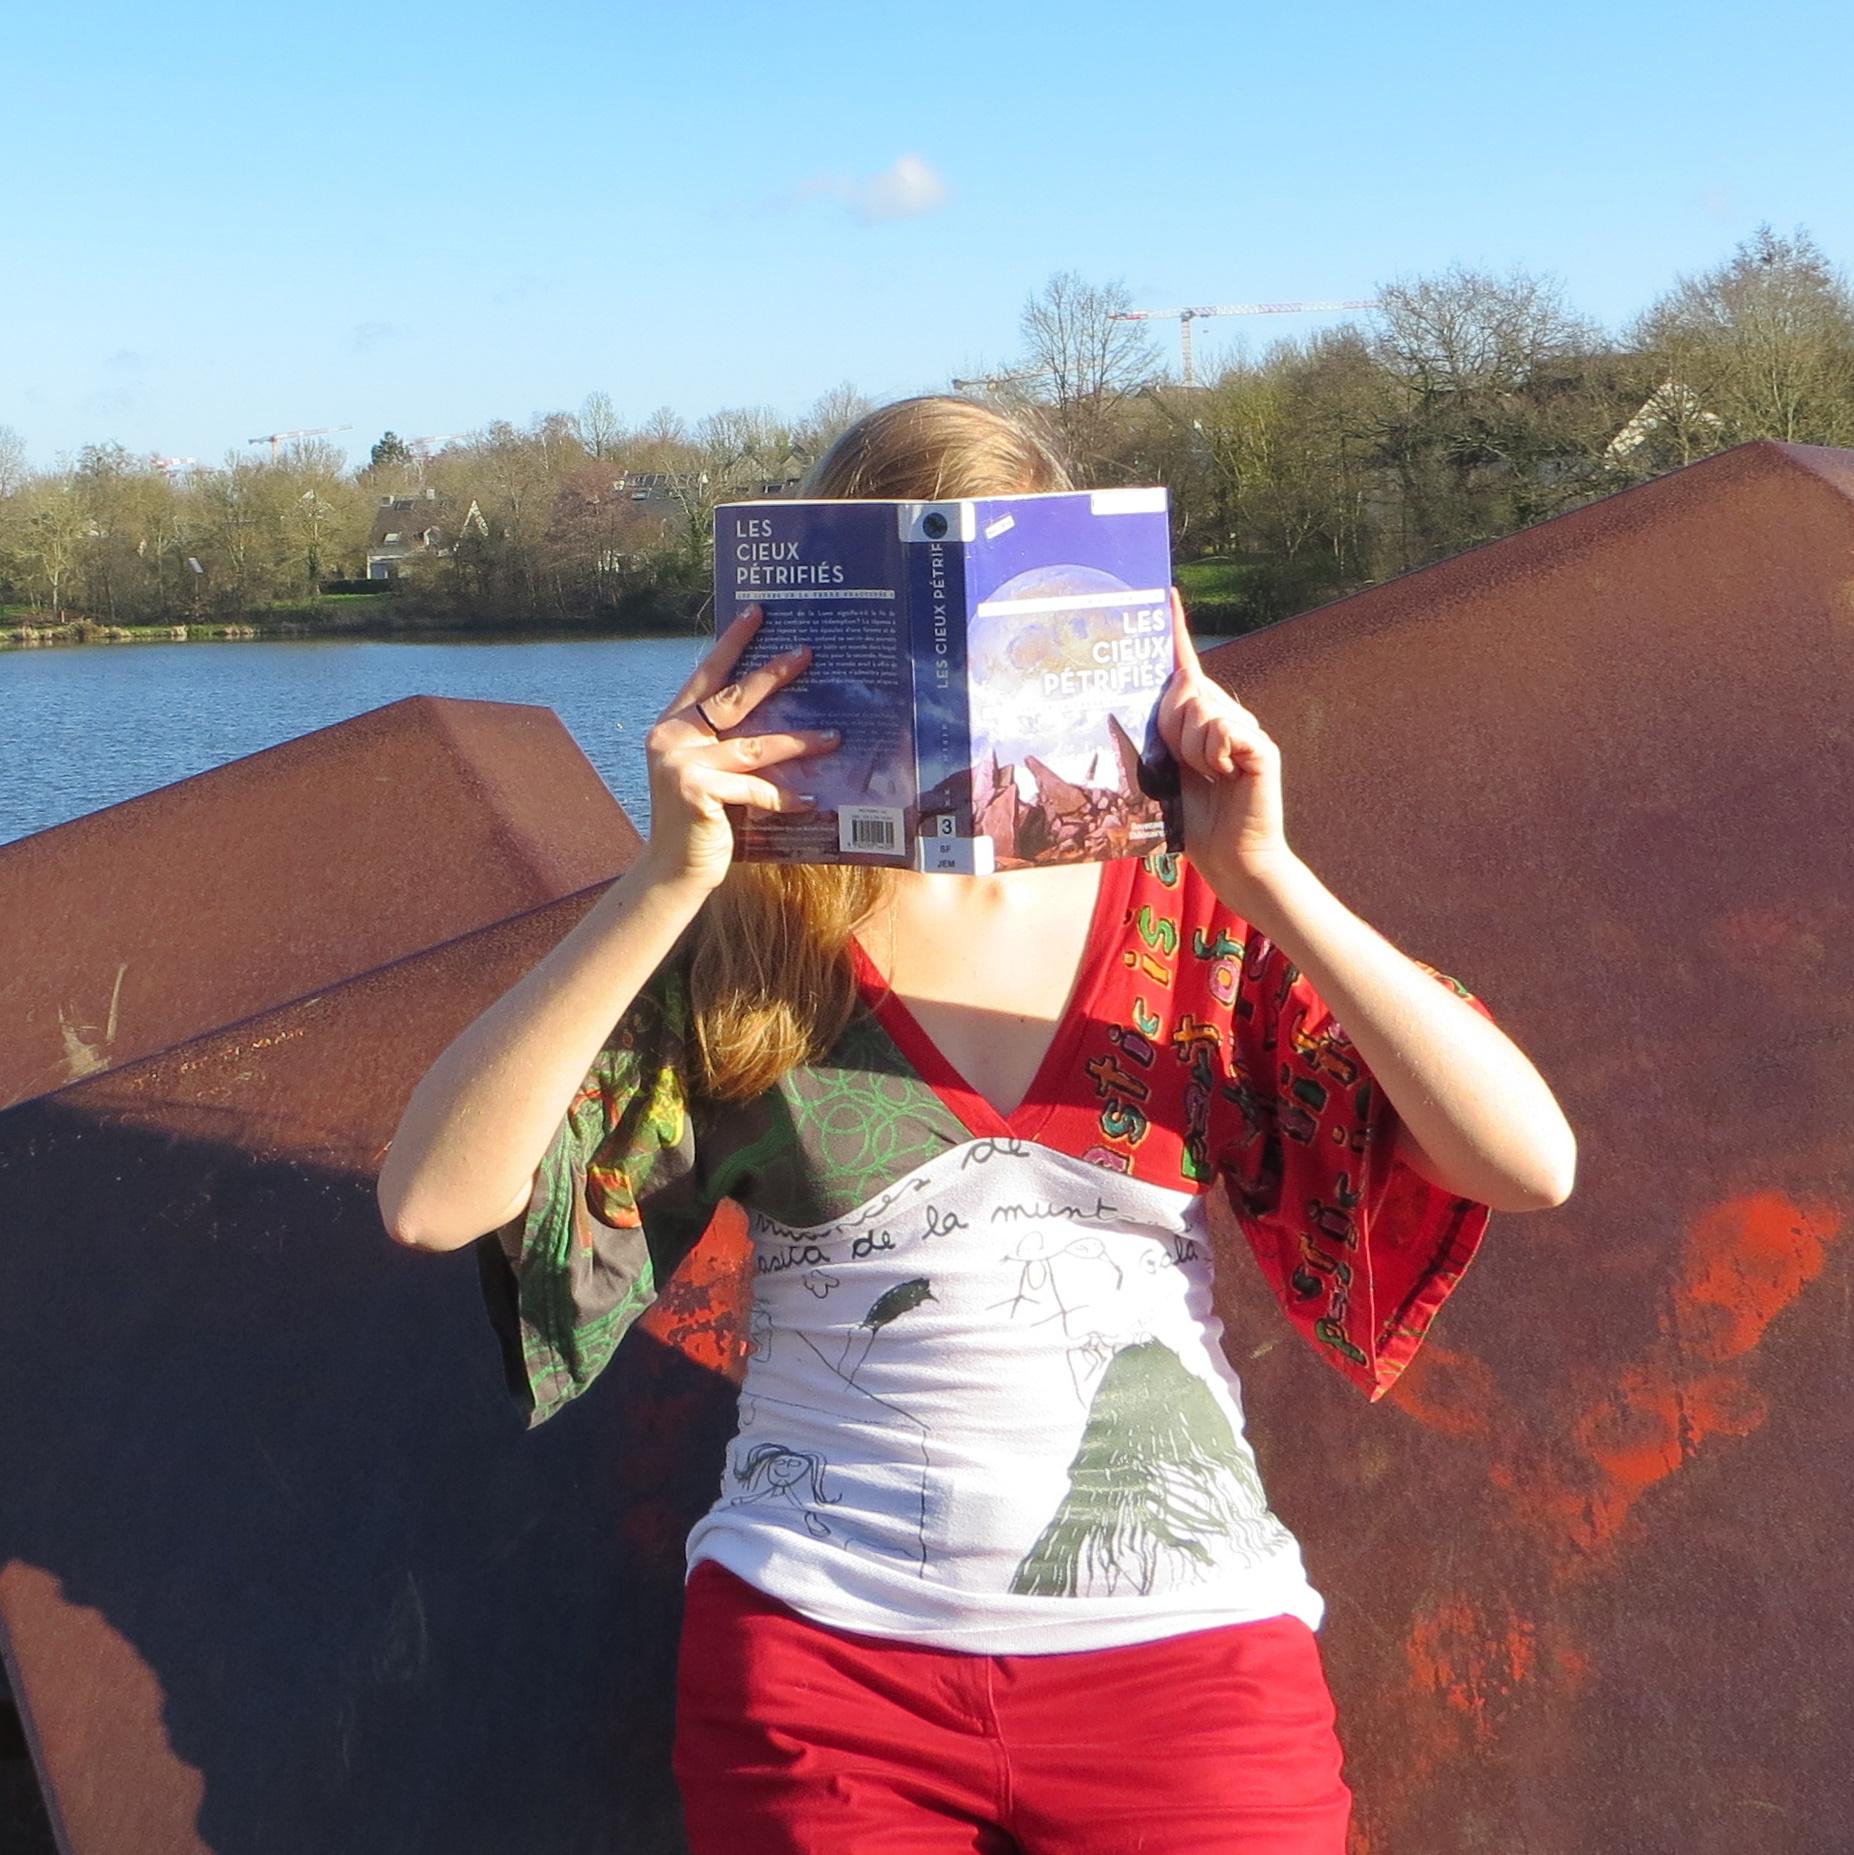 personne en t-shirt à 2 couleurs lisant Les Cieux Pétrifiés de N.K. Jemisin devant deux plaques métalliques et un lac